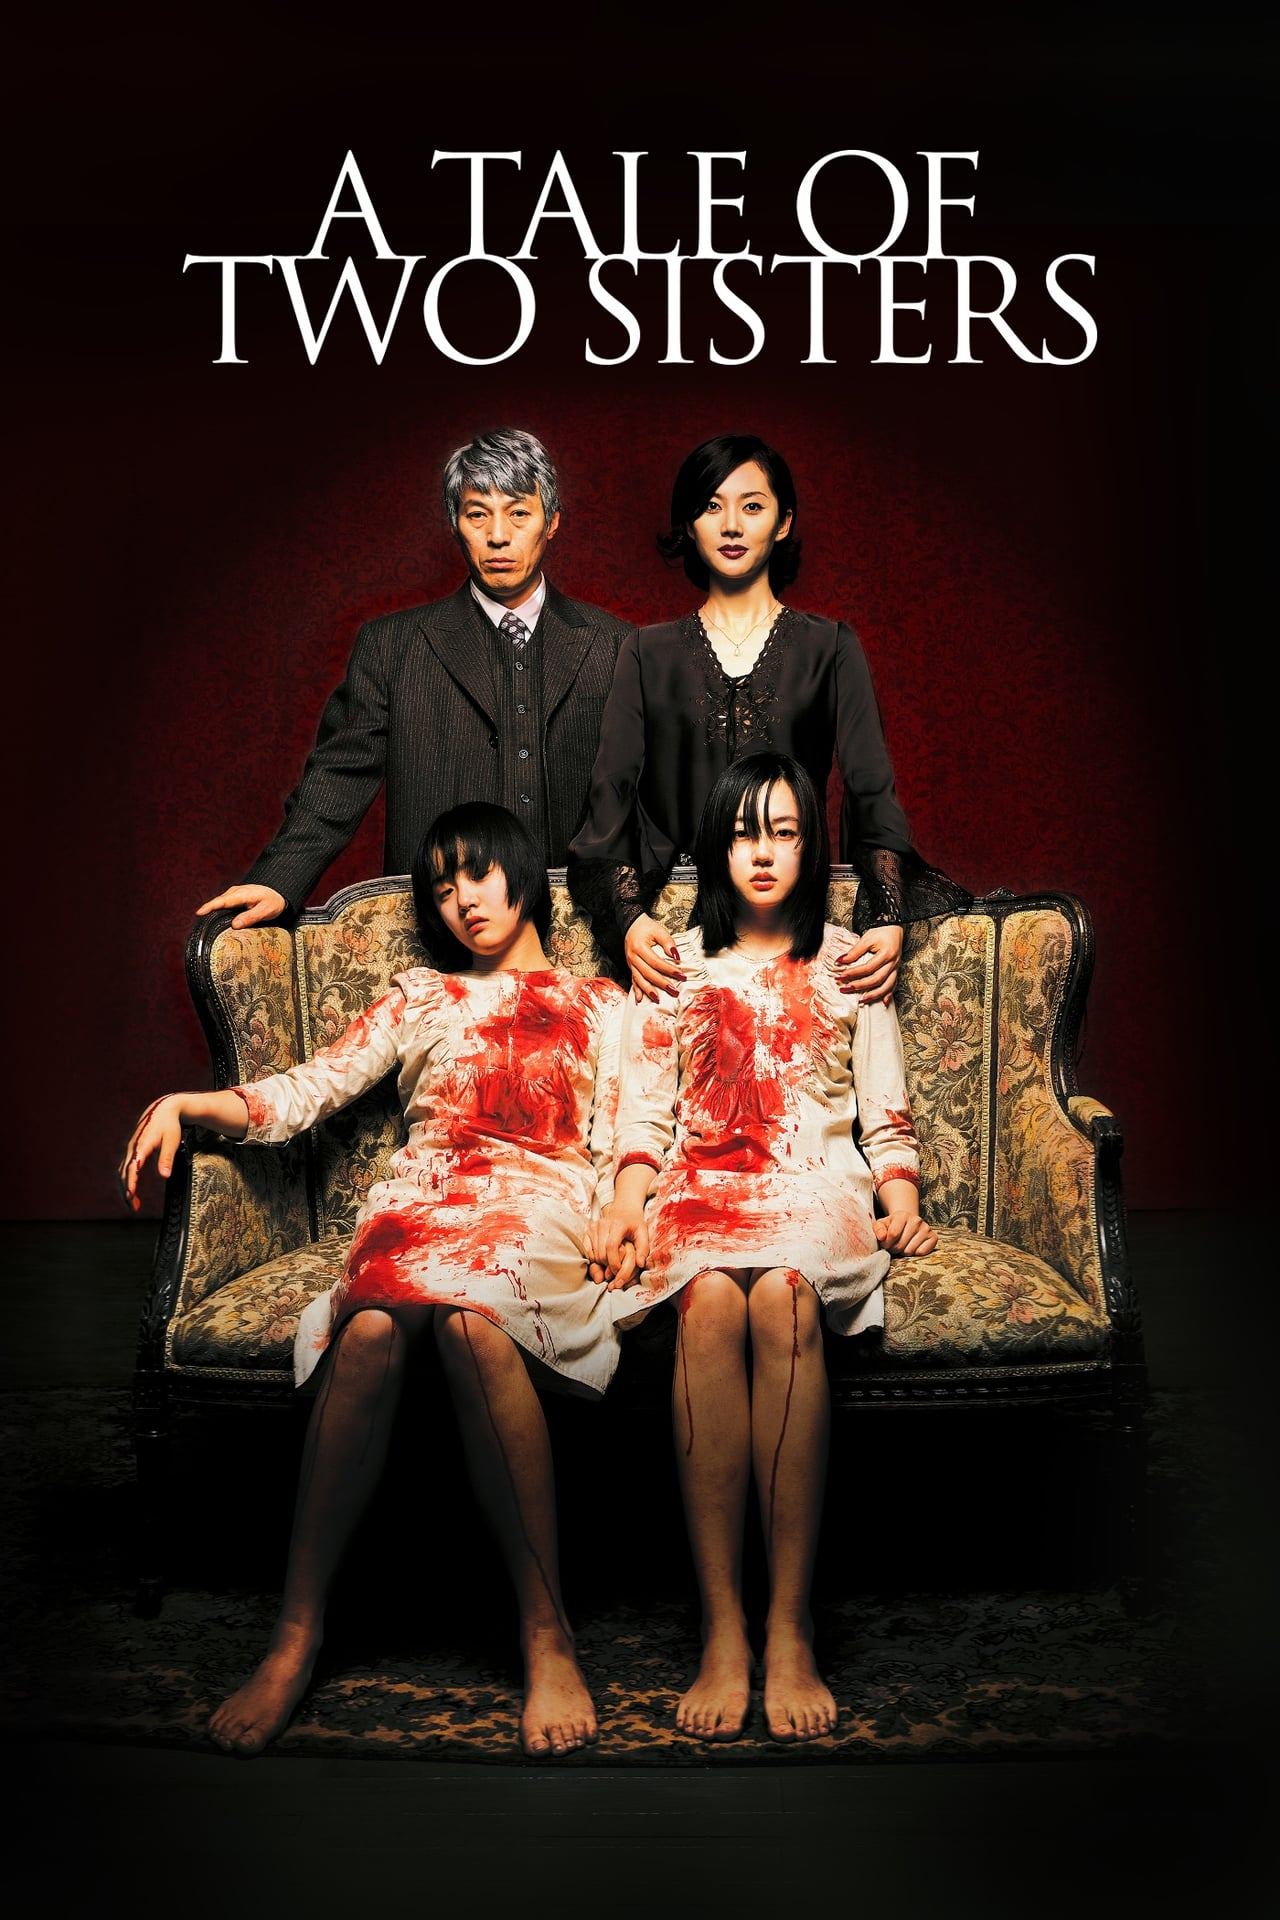 phim đa nhân cách a tale of two sisters